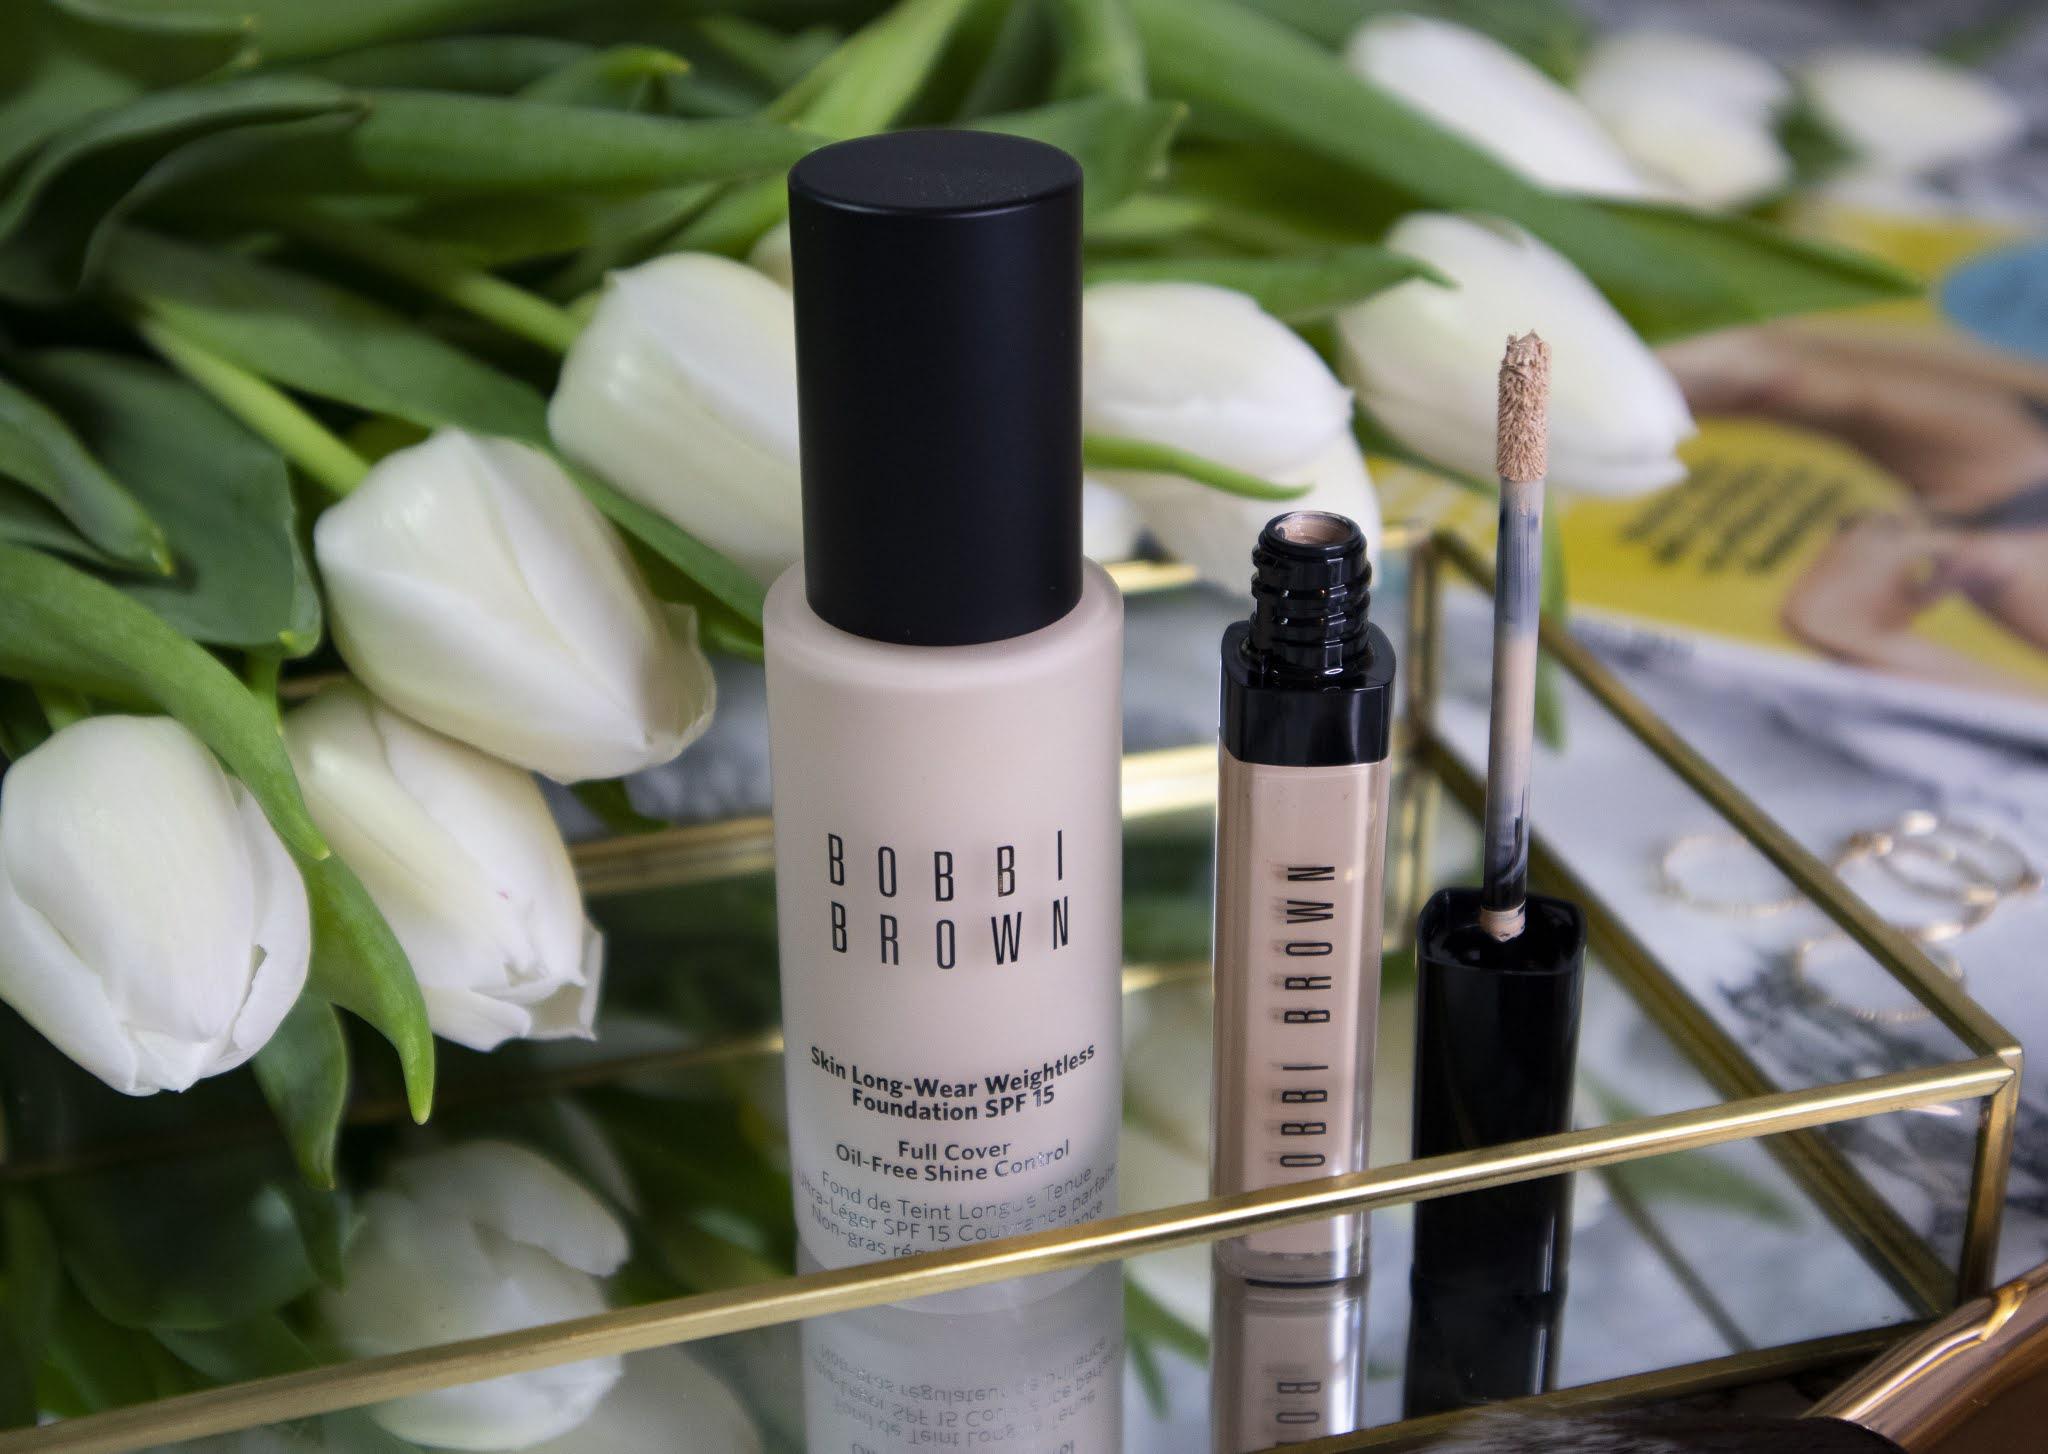 Bobbi Brown Skin Longwear Weightless Foundation perfektiniert den Teint